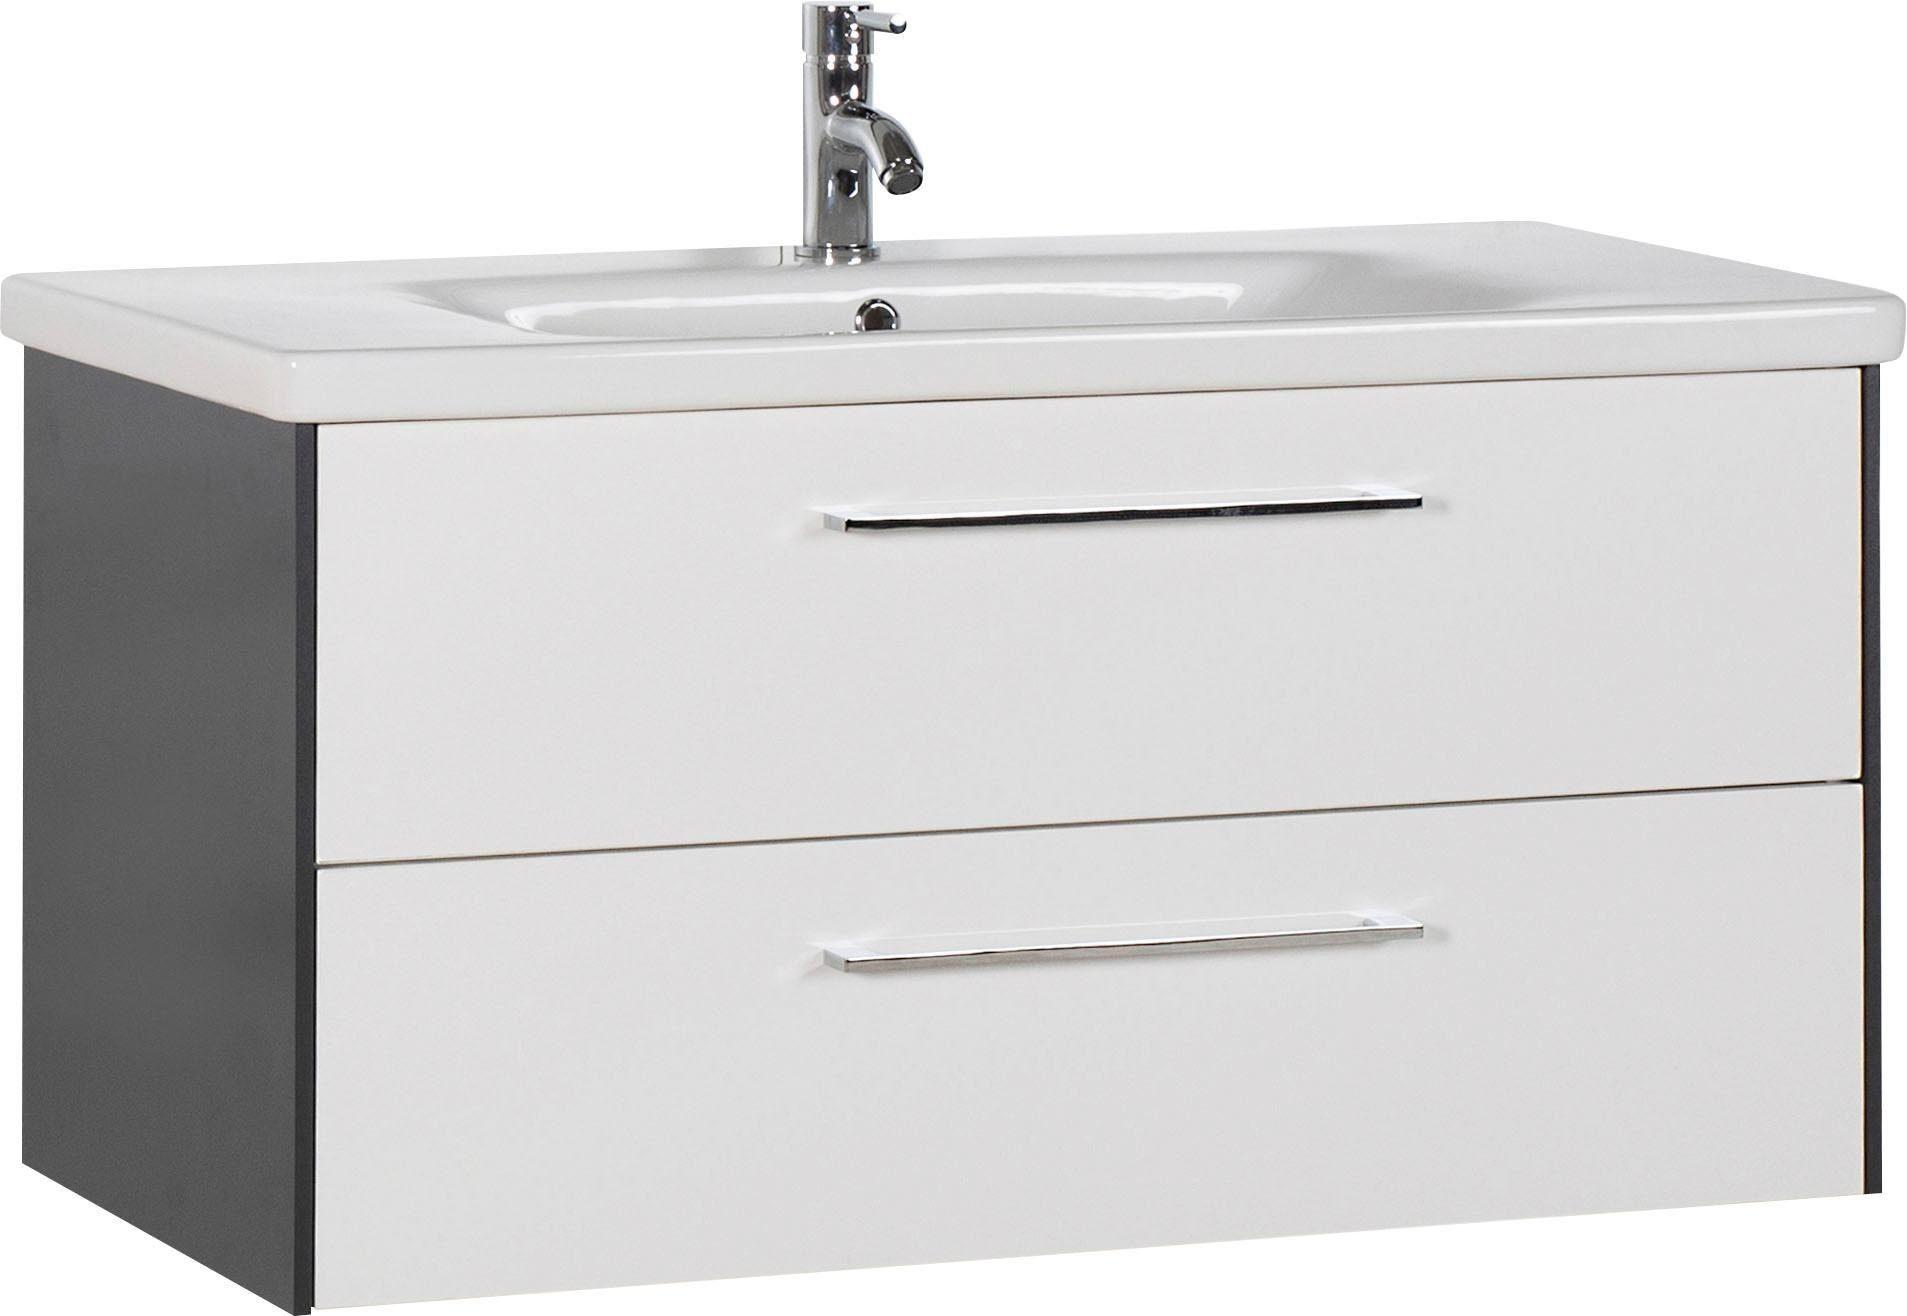 MARLIN Waschtisch, 3400 weiß Waschtische Badmöbel